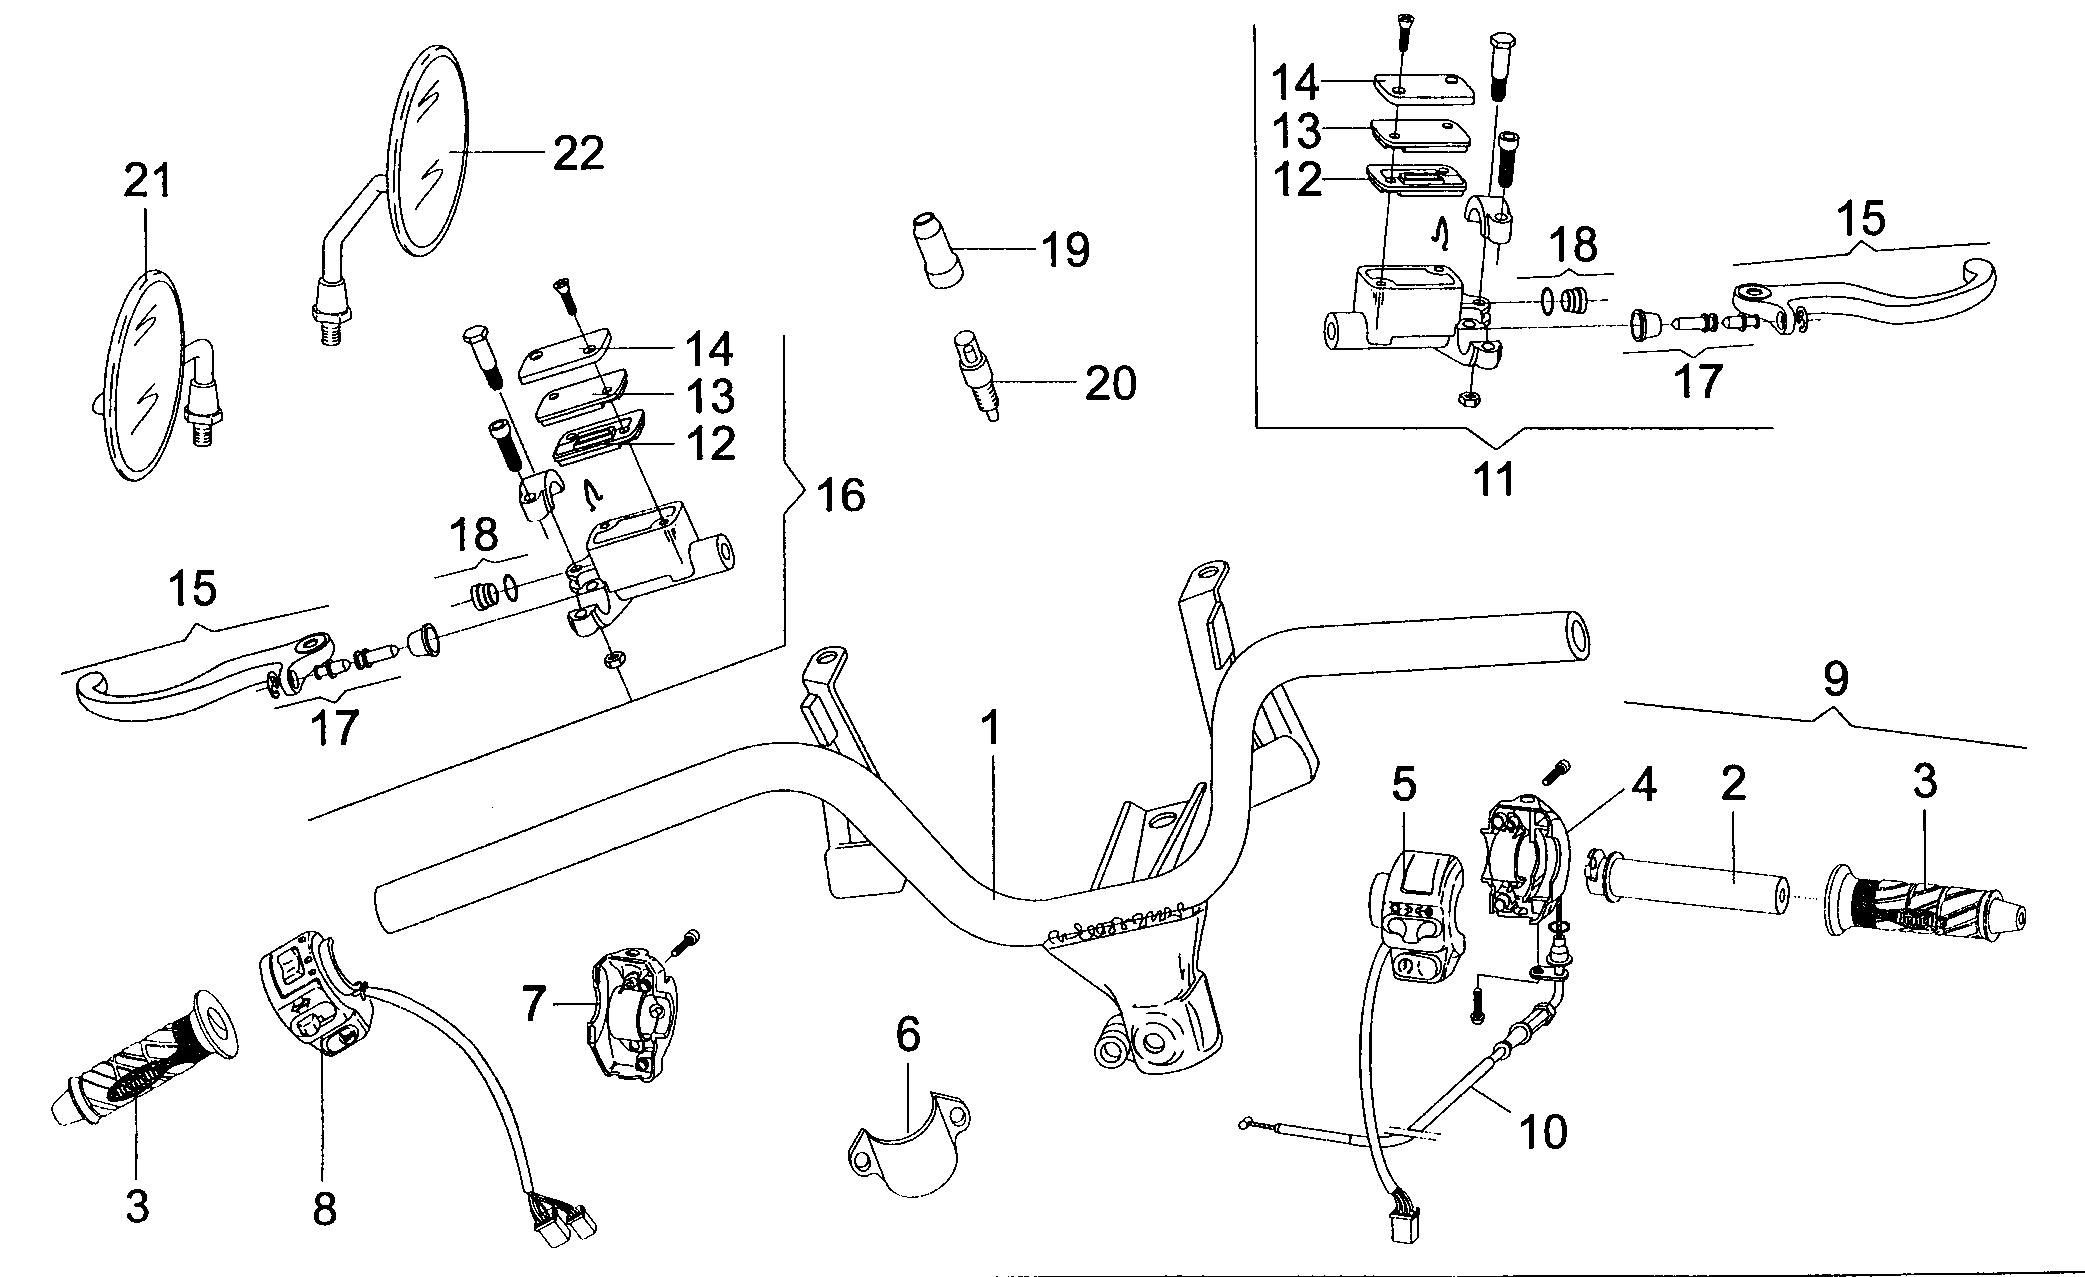 Griffe / Schalter / Züge / Lenker